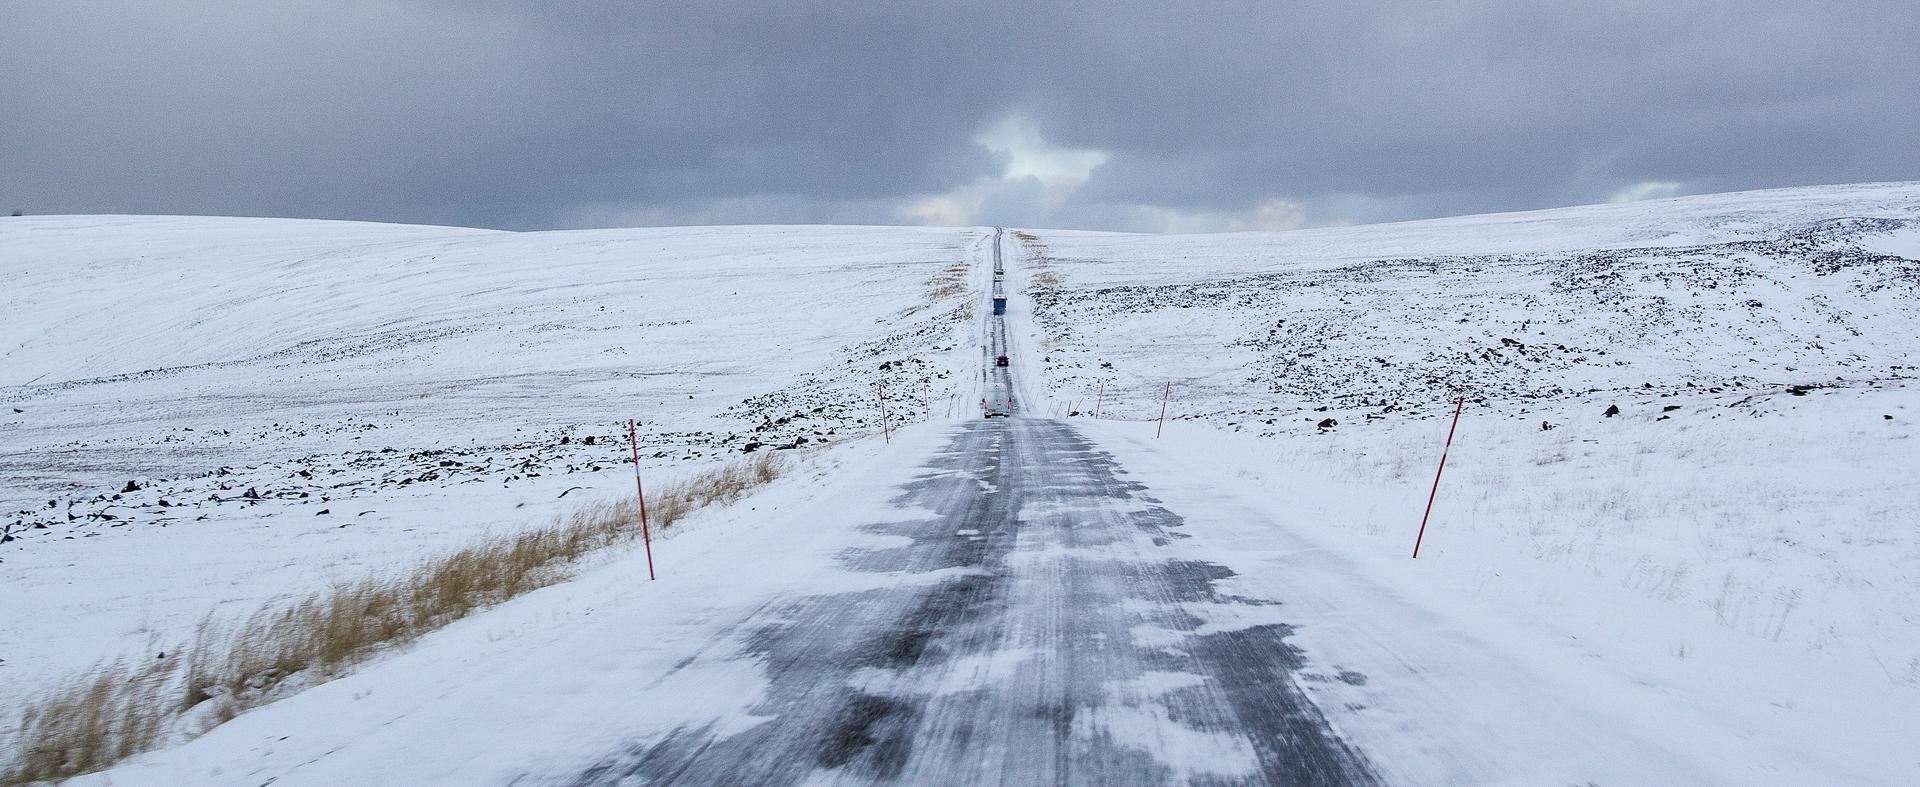 Igjenføket vei, men plogen gjør det trygt å kjøre opp © North Cape Tours